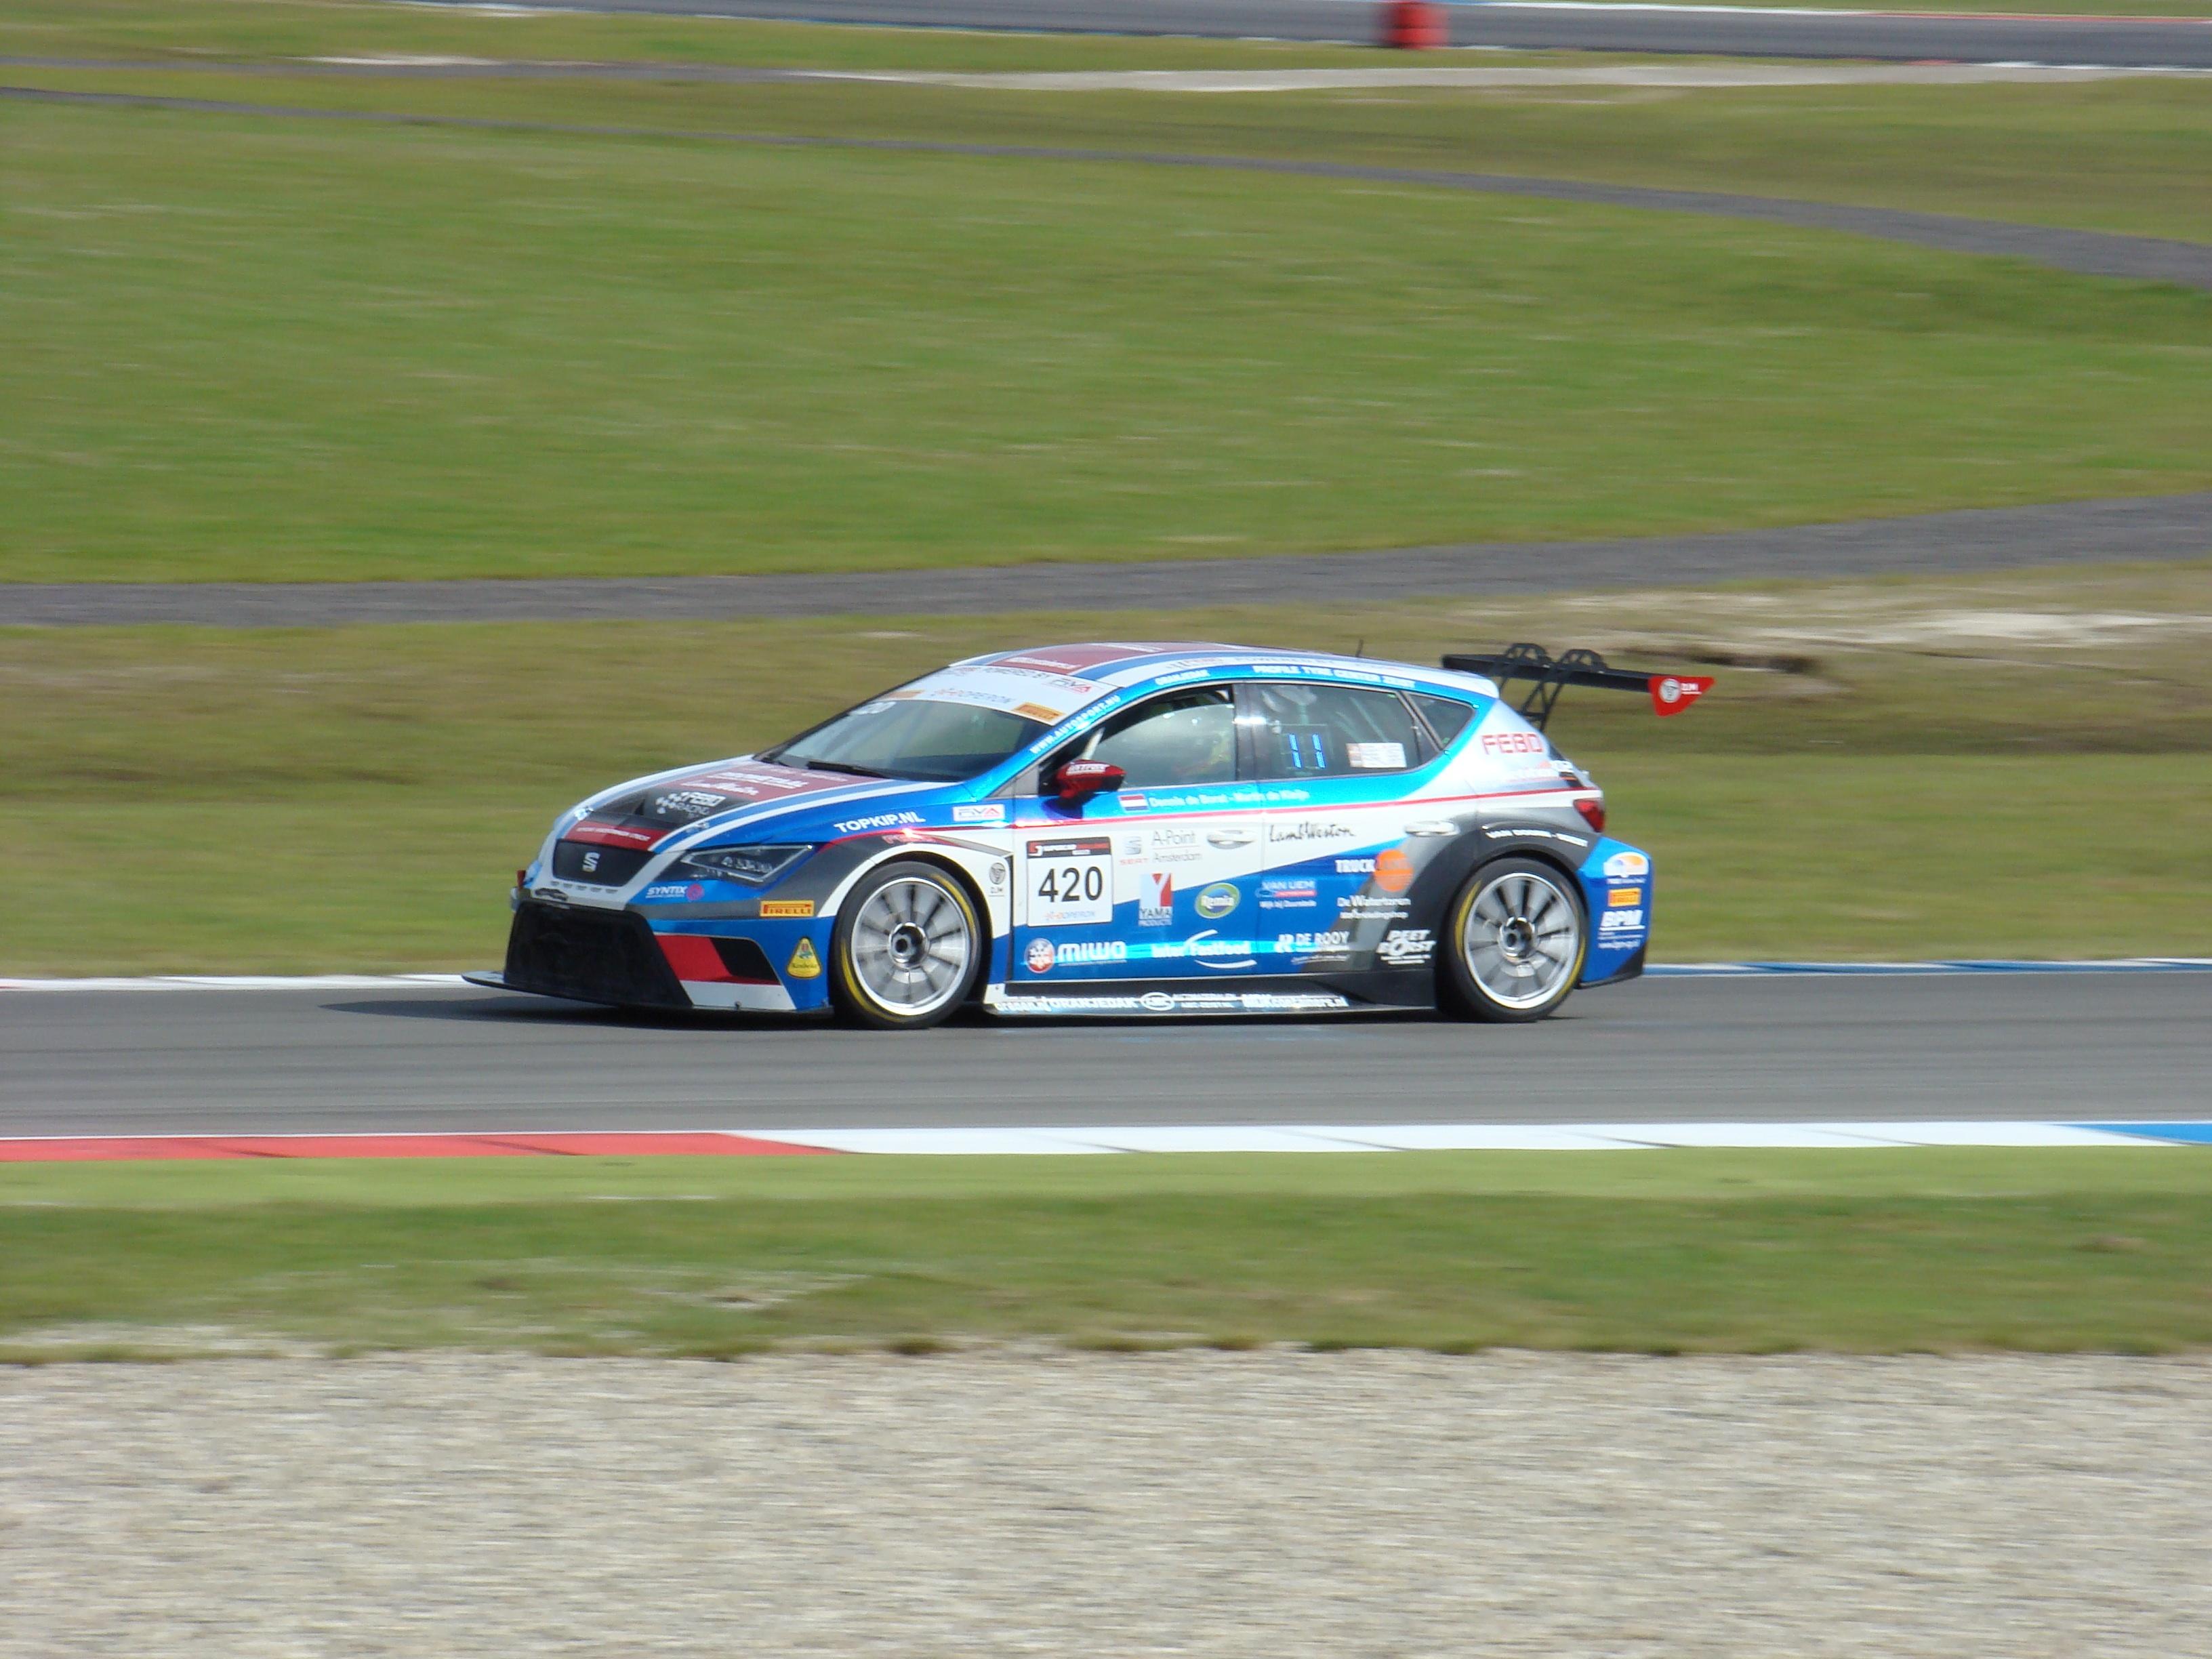 cc960c6c82 Fotos gratis : vehículo, coche deportivo, coche de carreras, Deportes, Pista  de carreras, Deporte de motor, Vehículo terrestre, auto turístico, carrera  de ...